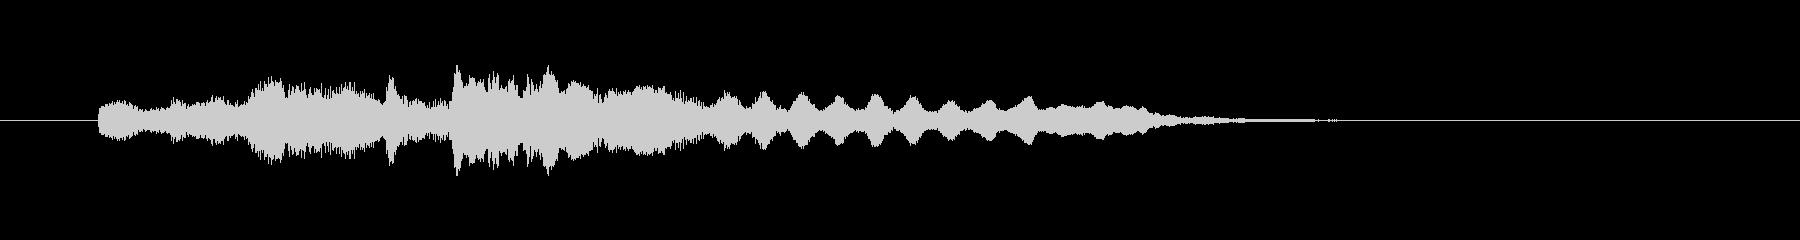 フルートのやさしいメロディーの未再生の波形